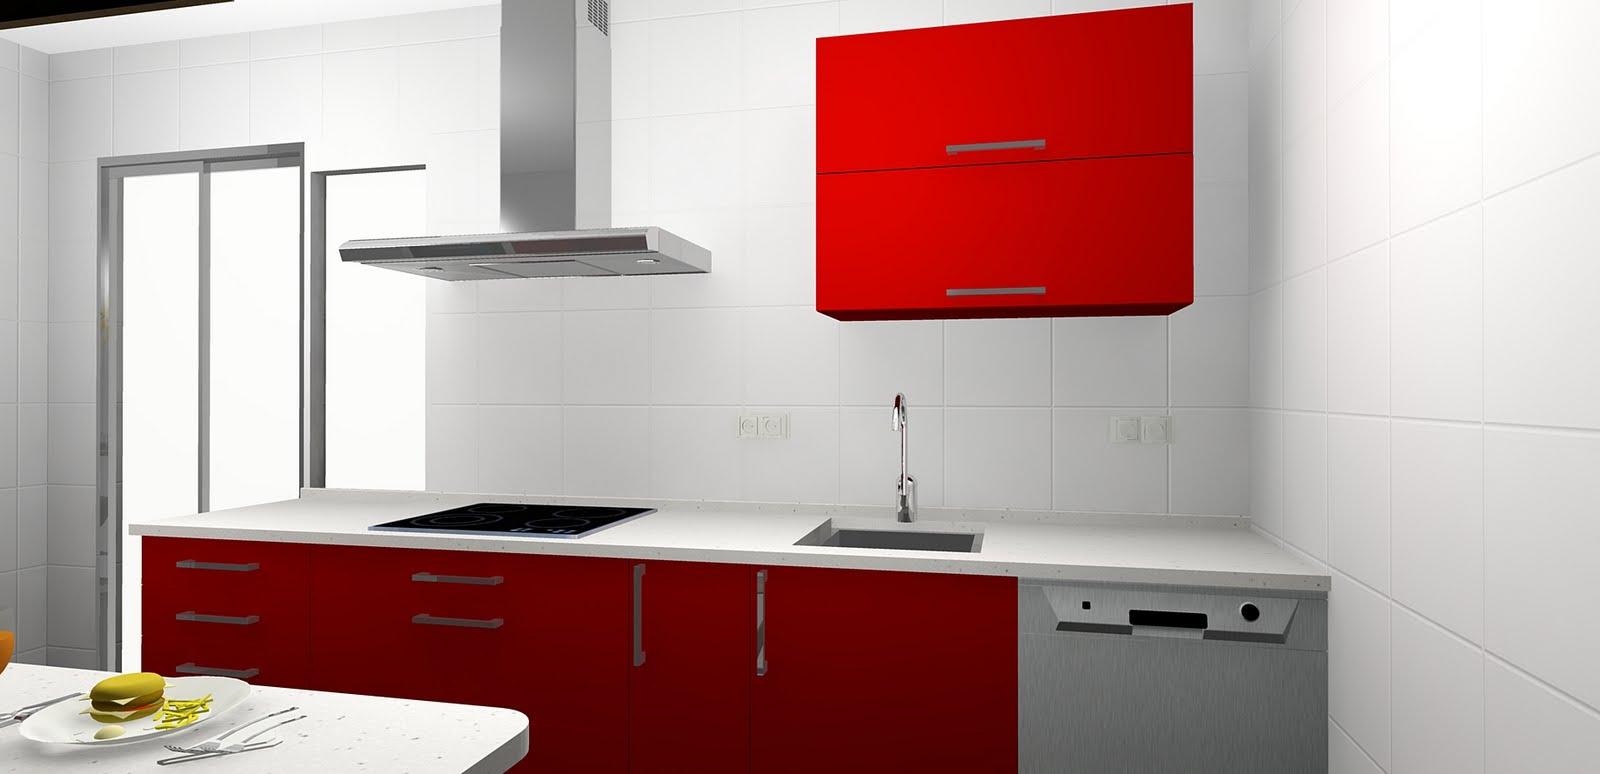 Todococina cocina roja y blanca for Cocina blanca encimera roja